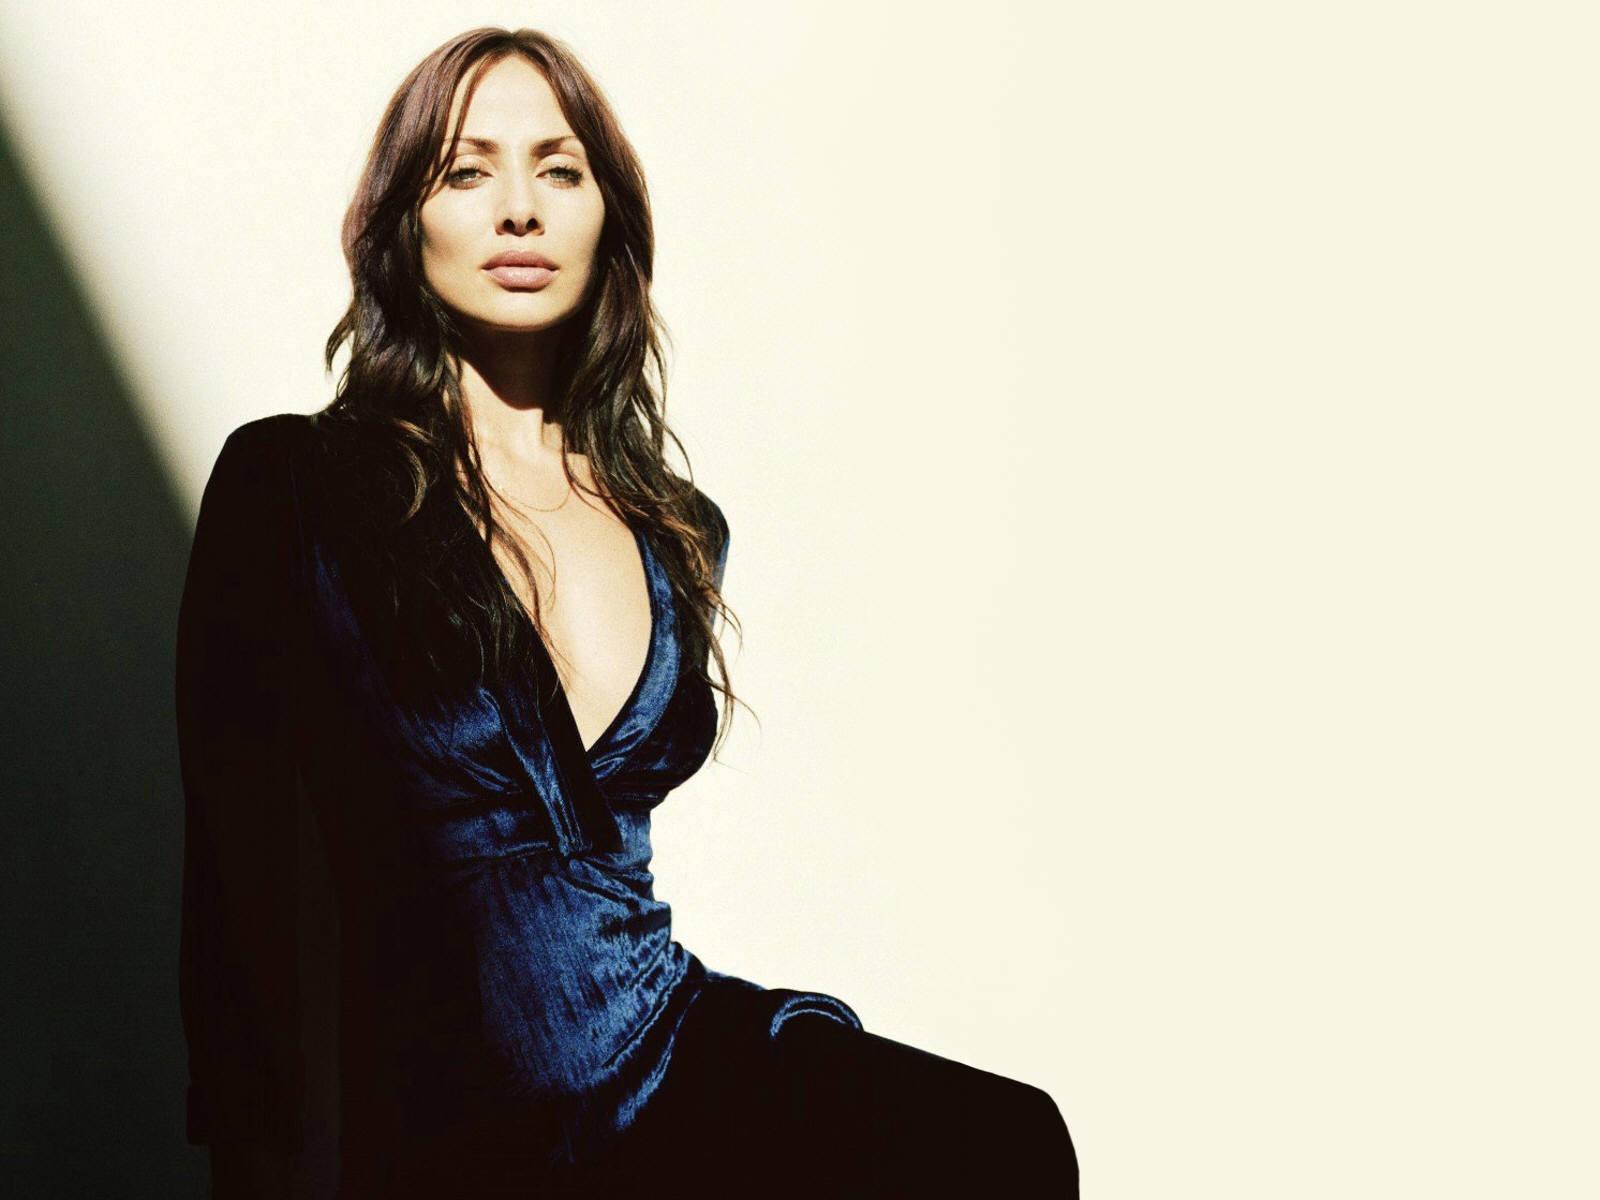 Wallpaper di Natalie Imbruglia fasciata in abito di velluto blu